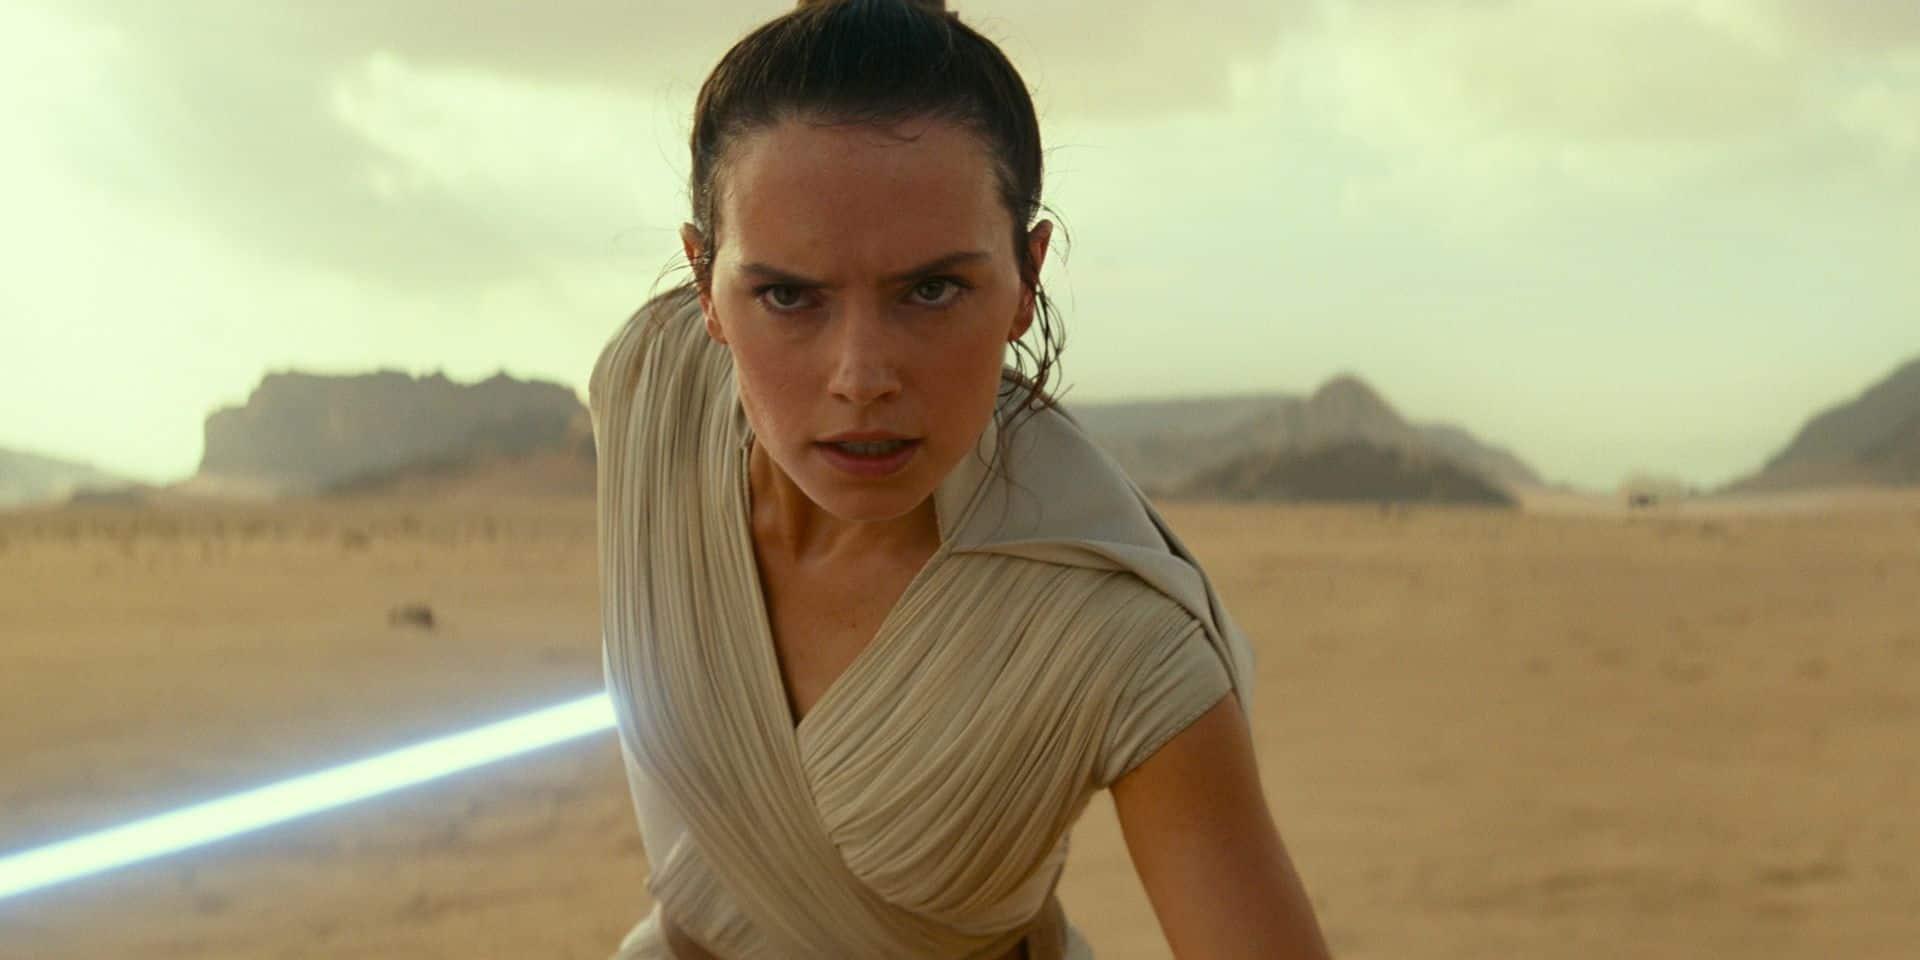 La galère de Daisy Ridley : elle est restée plus d'un an sans tourner depuis Star Wars !